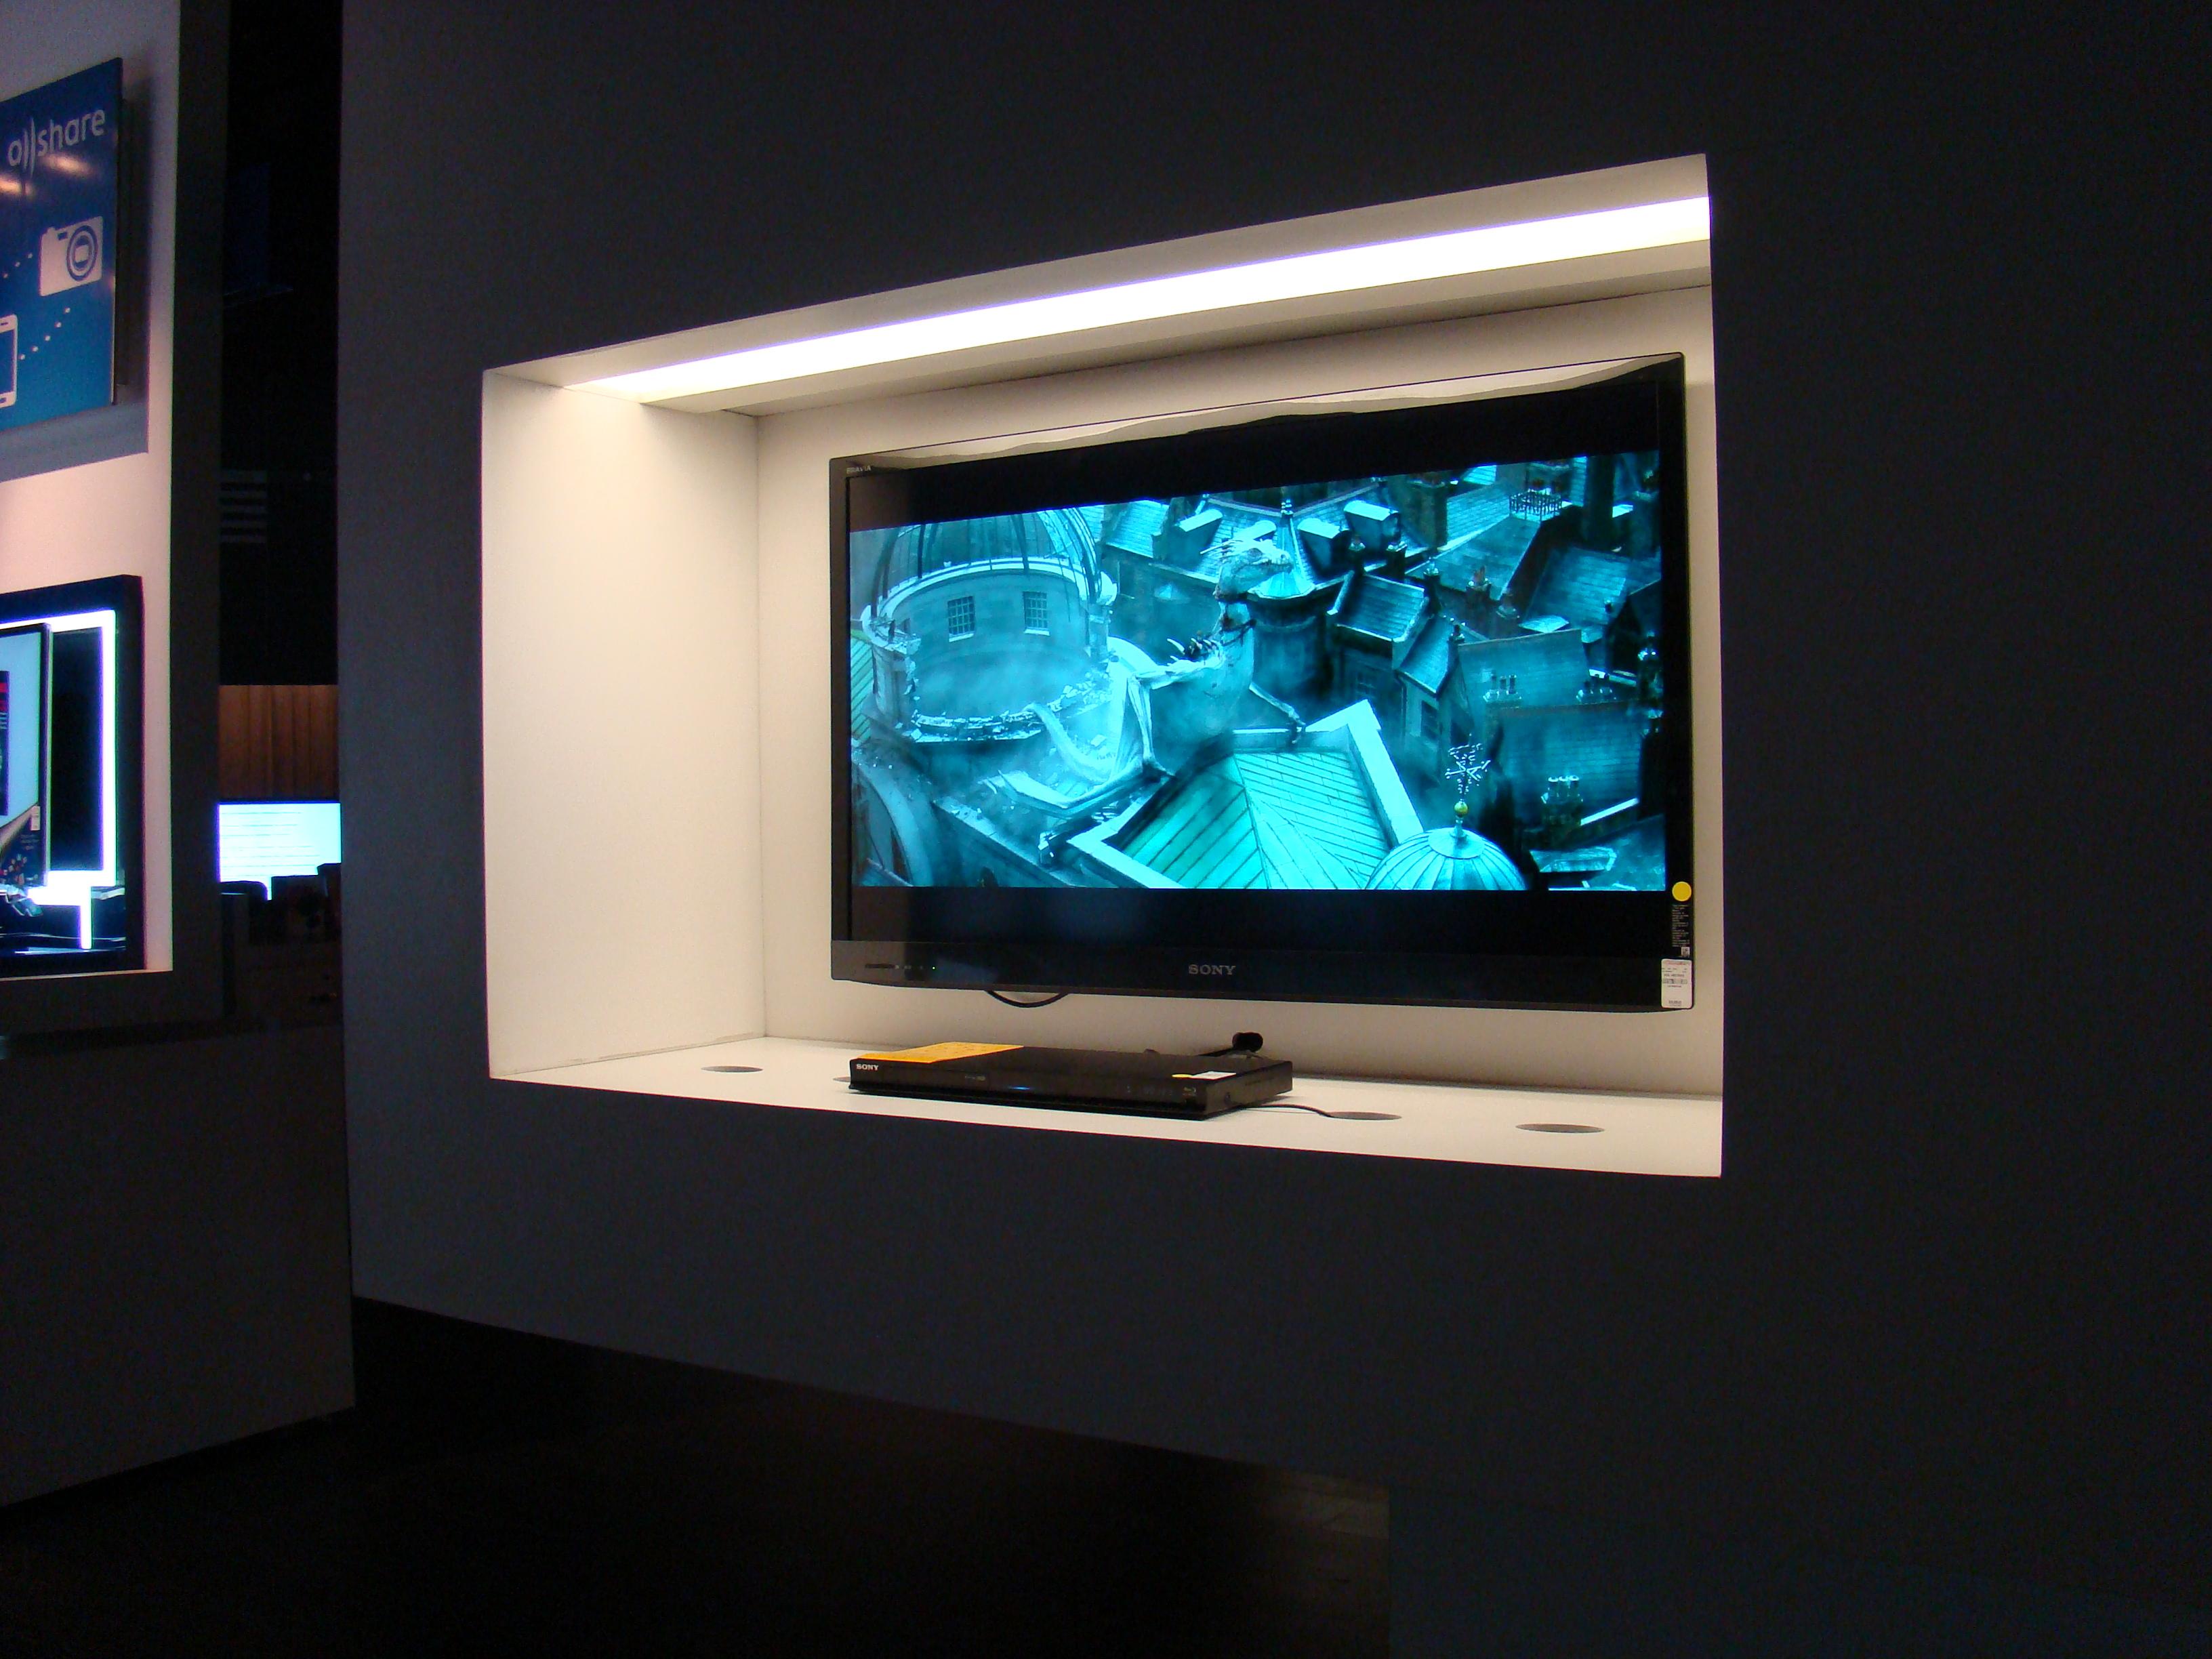 TechnoShow 2012 44